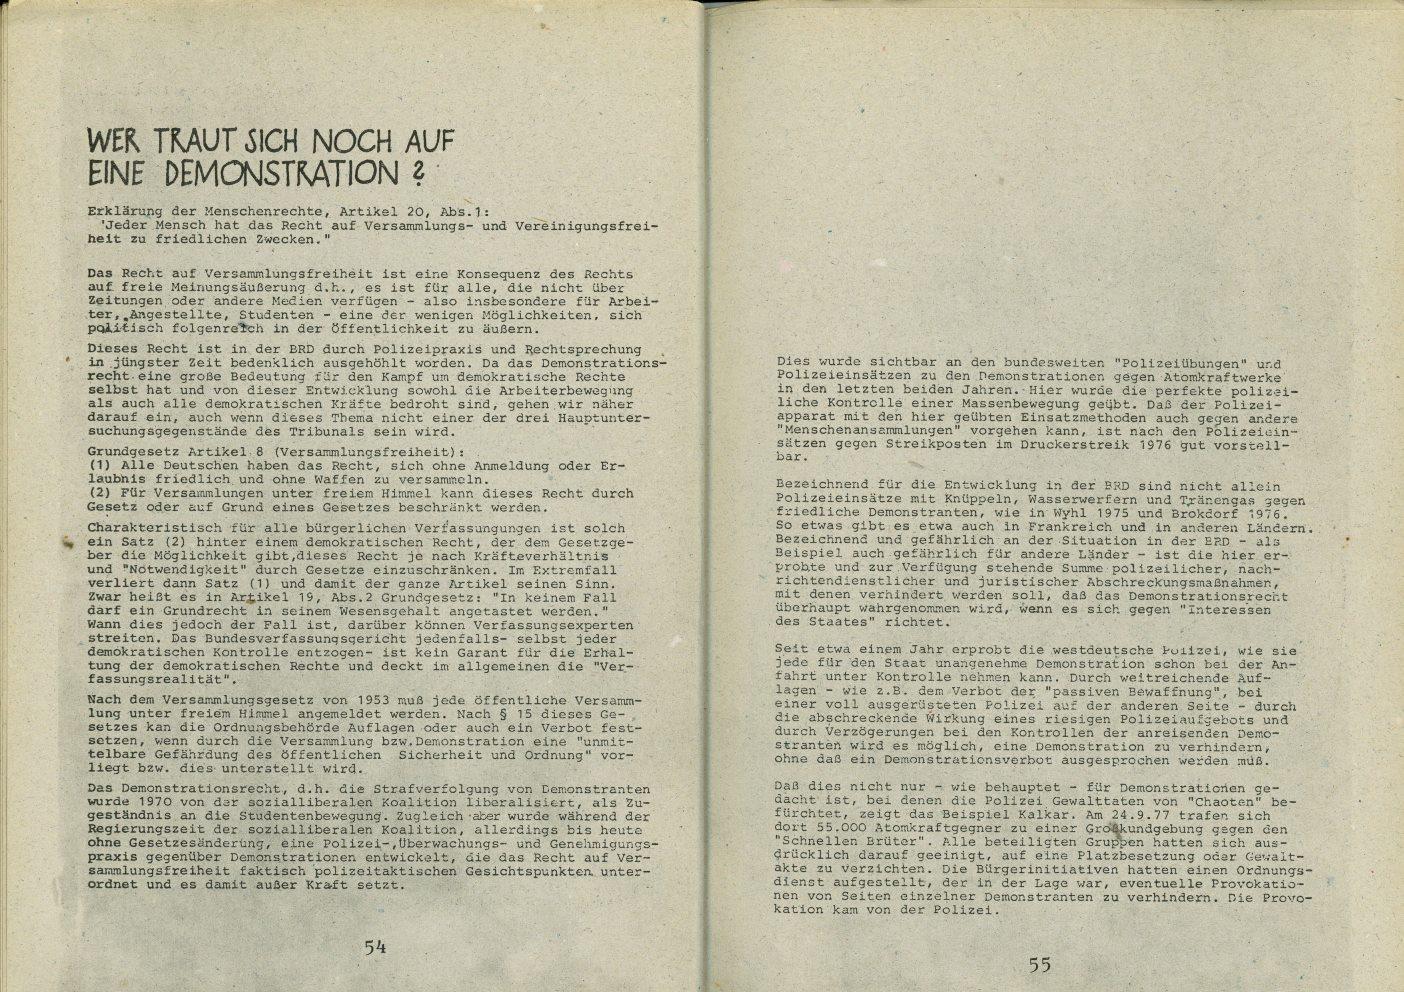 Stuttgart_AGRT_Menschenrechtsverletzungen_Leseheft_1978_29